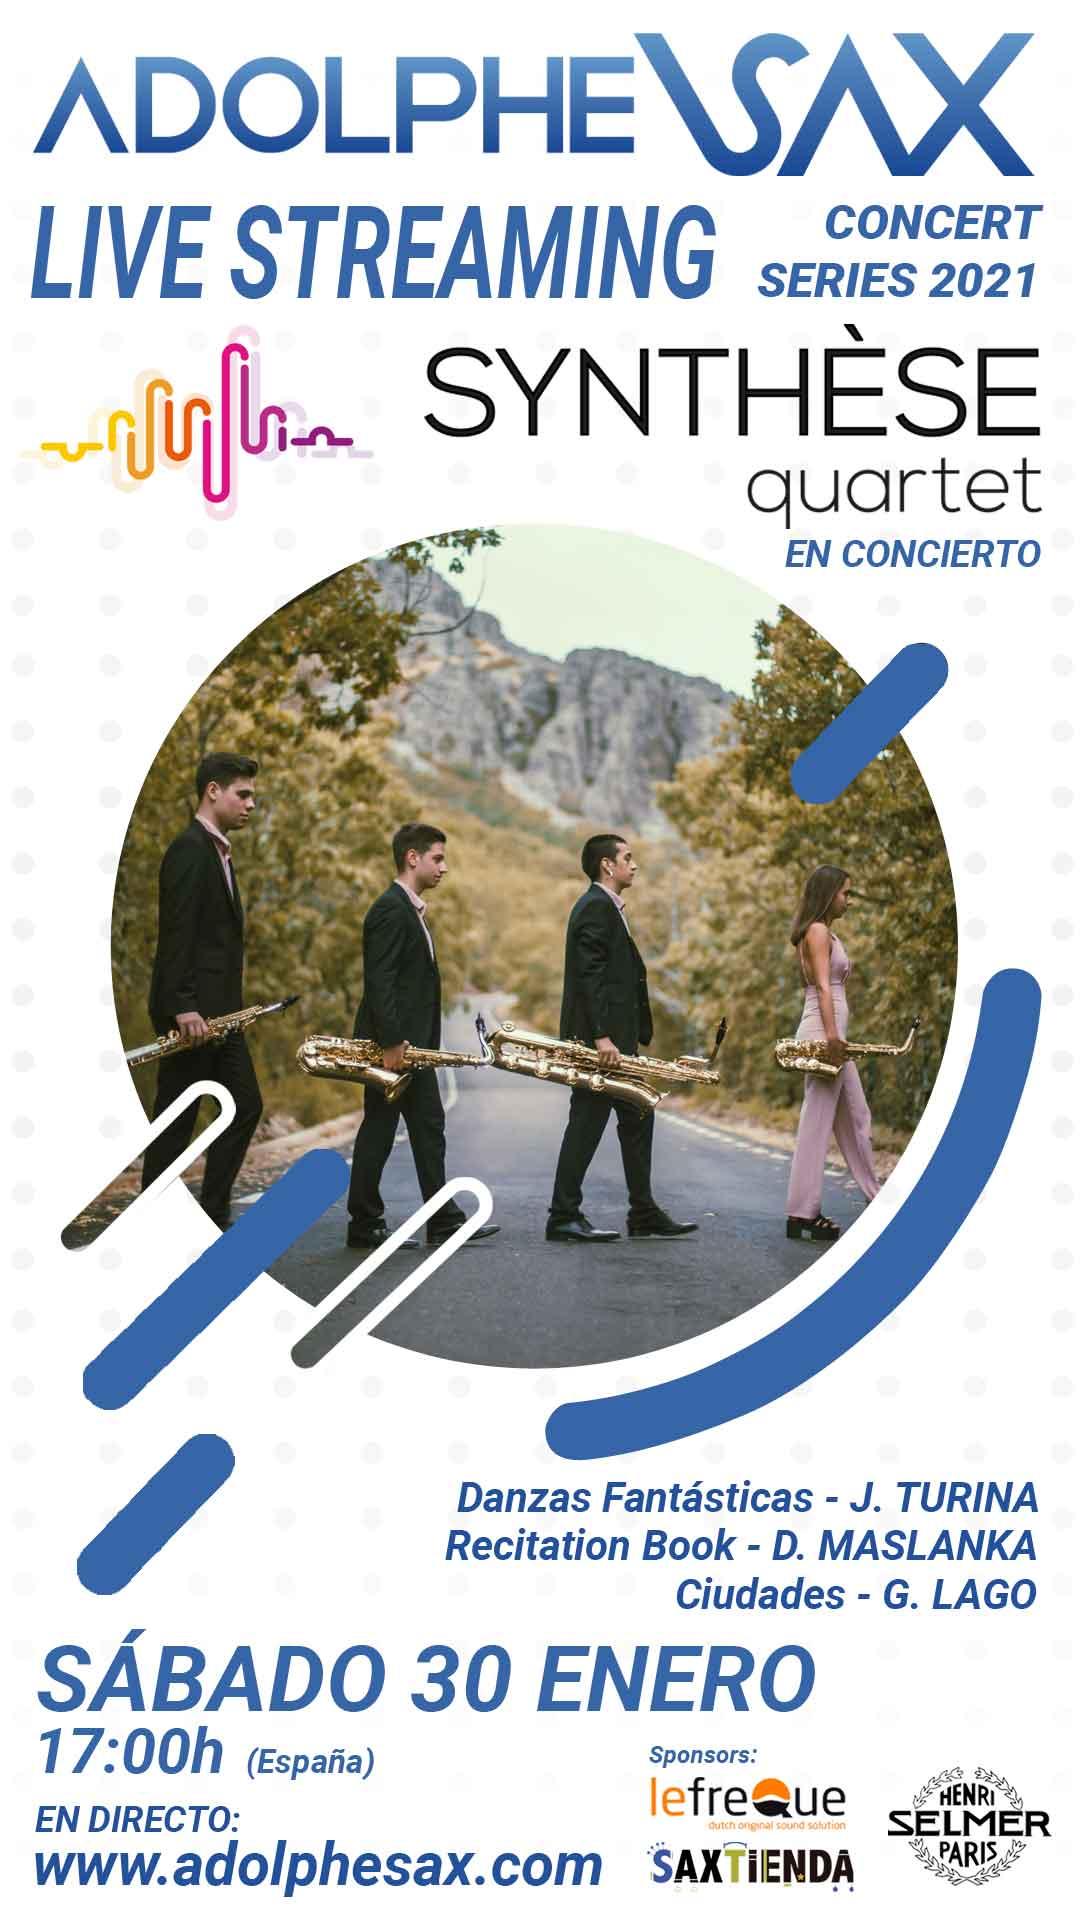 Concierto online Synthese quartet